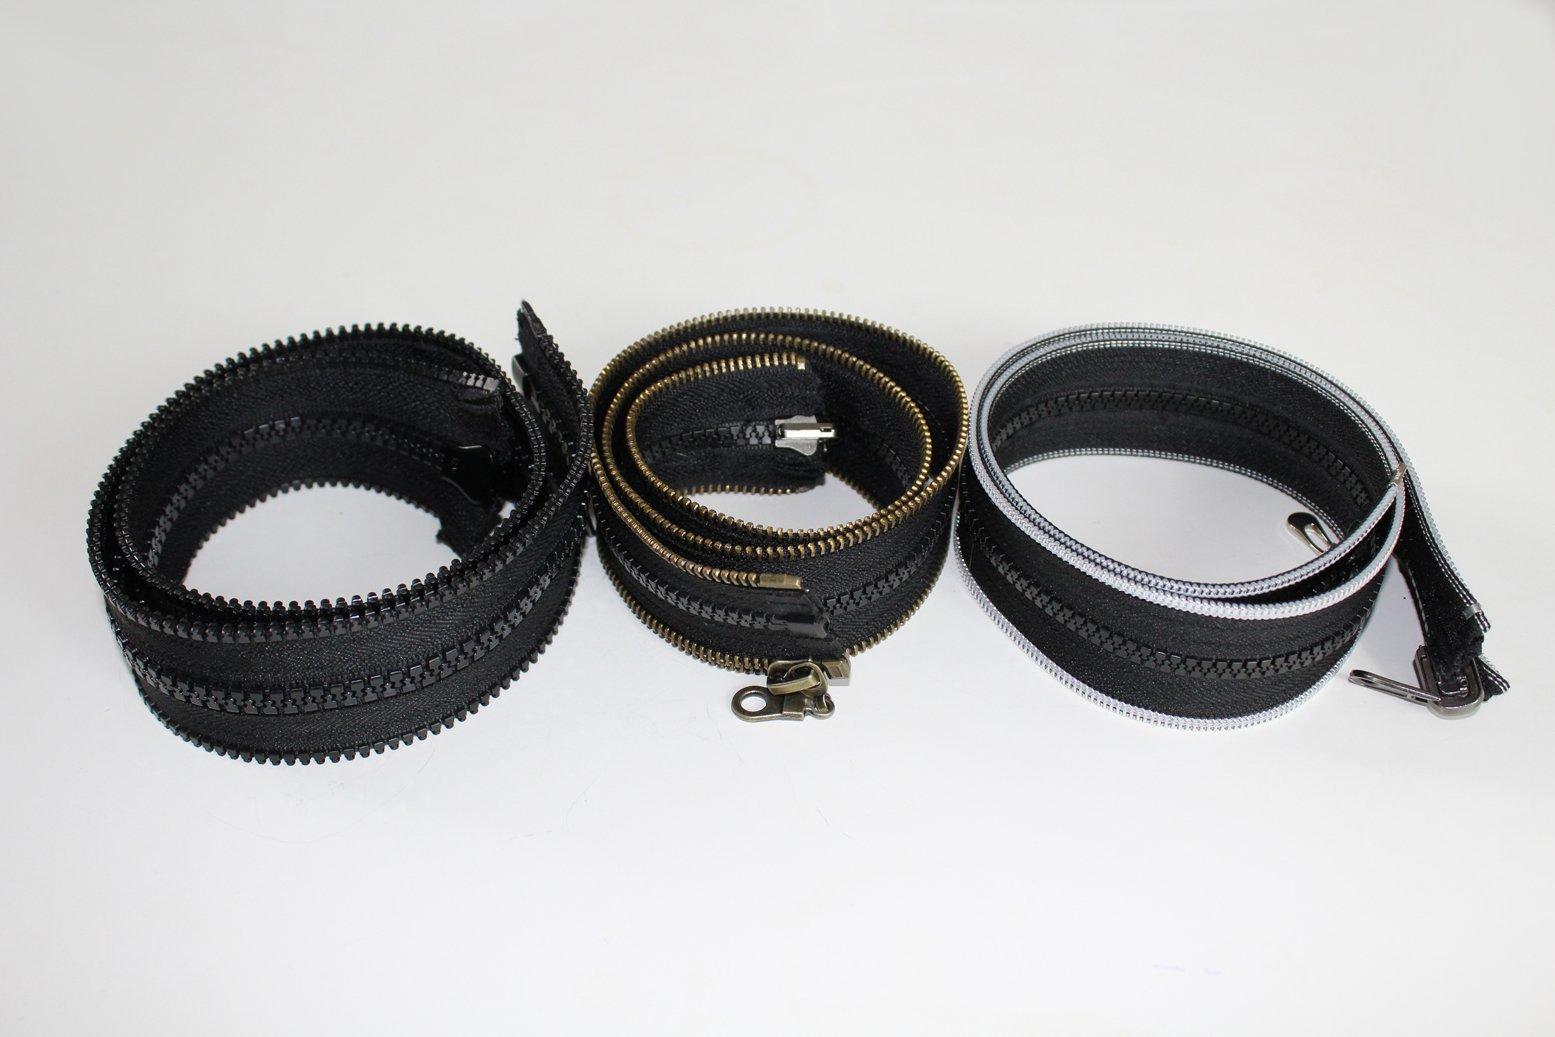 BellyBoo Reißverschluss-Adapter für die Jackenerweiterung